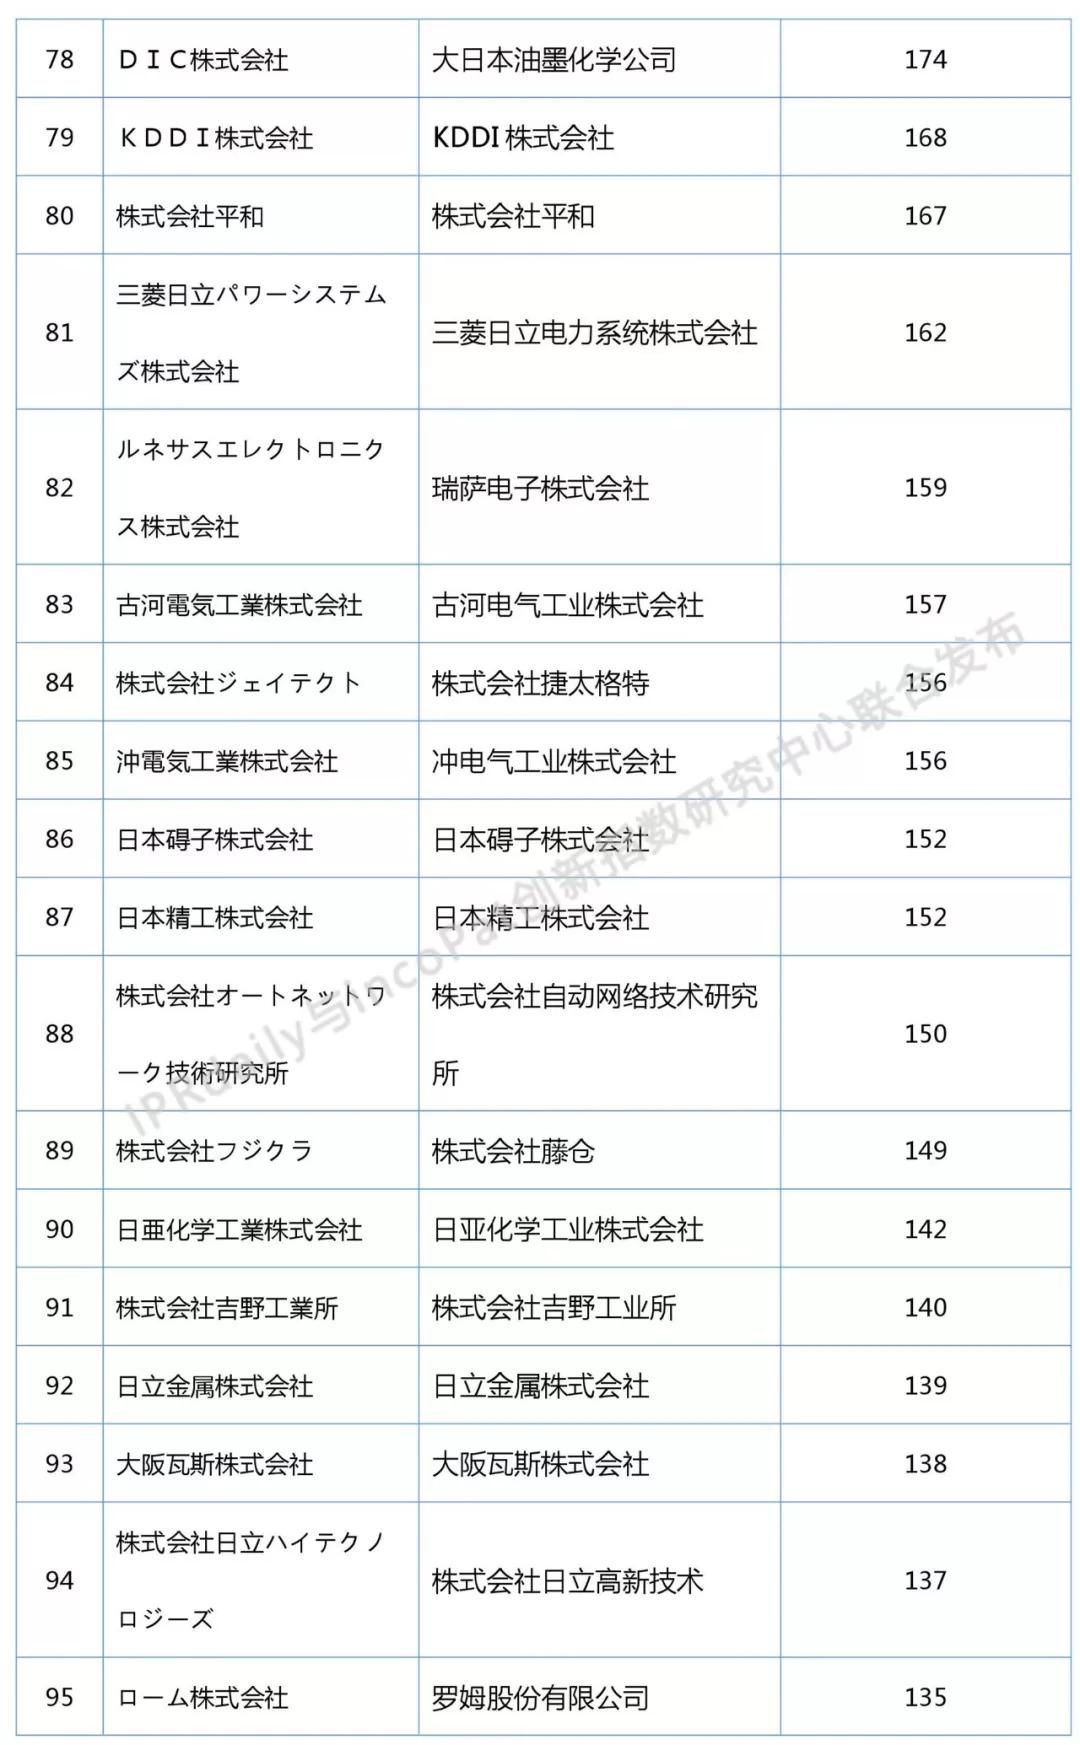 2018上半年日本企业发明授权专利排行榜(前100名)